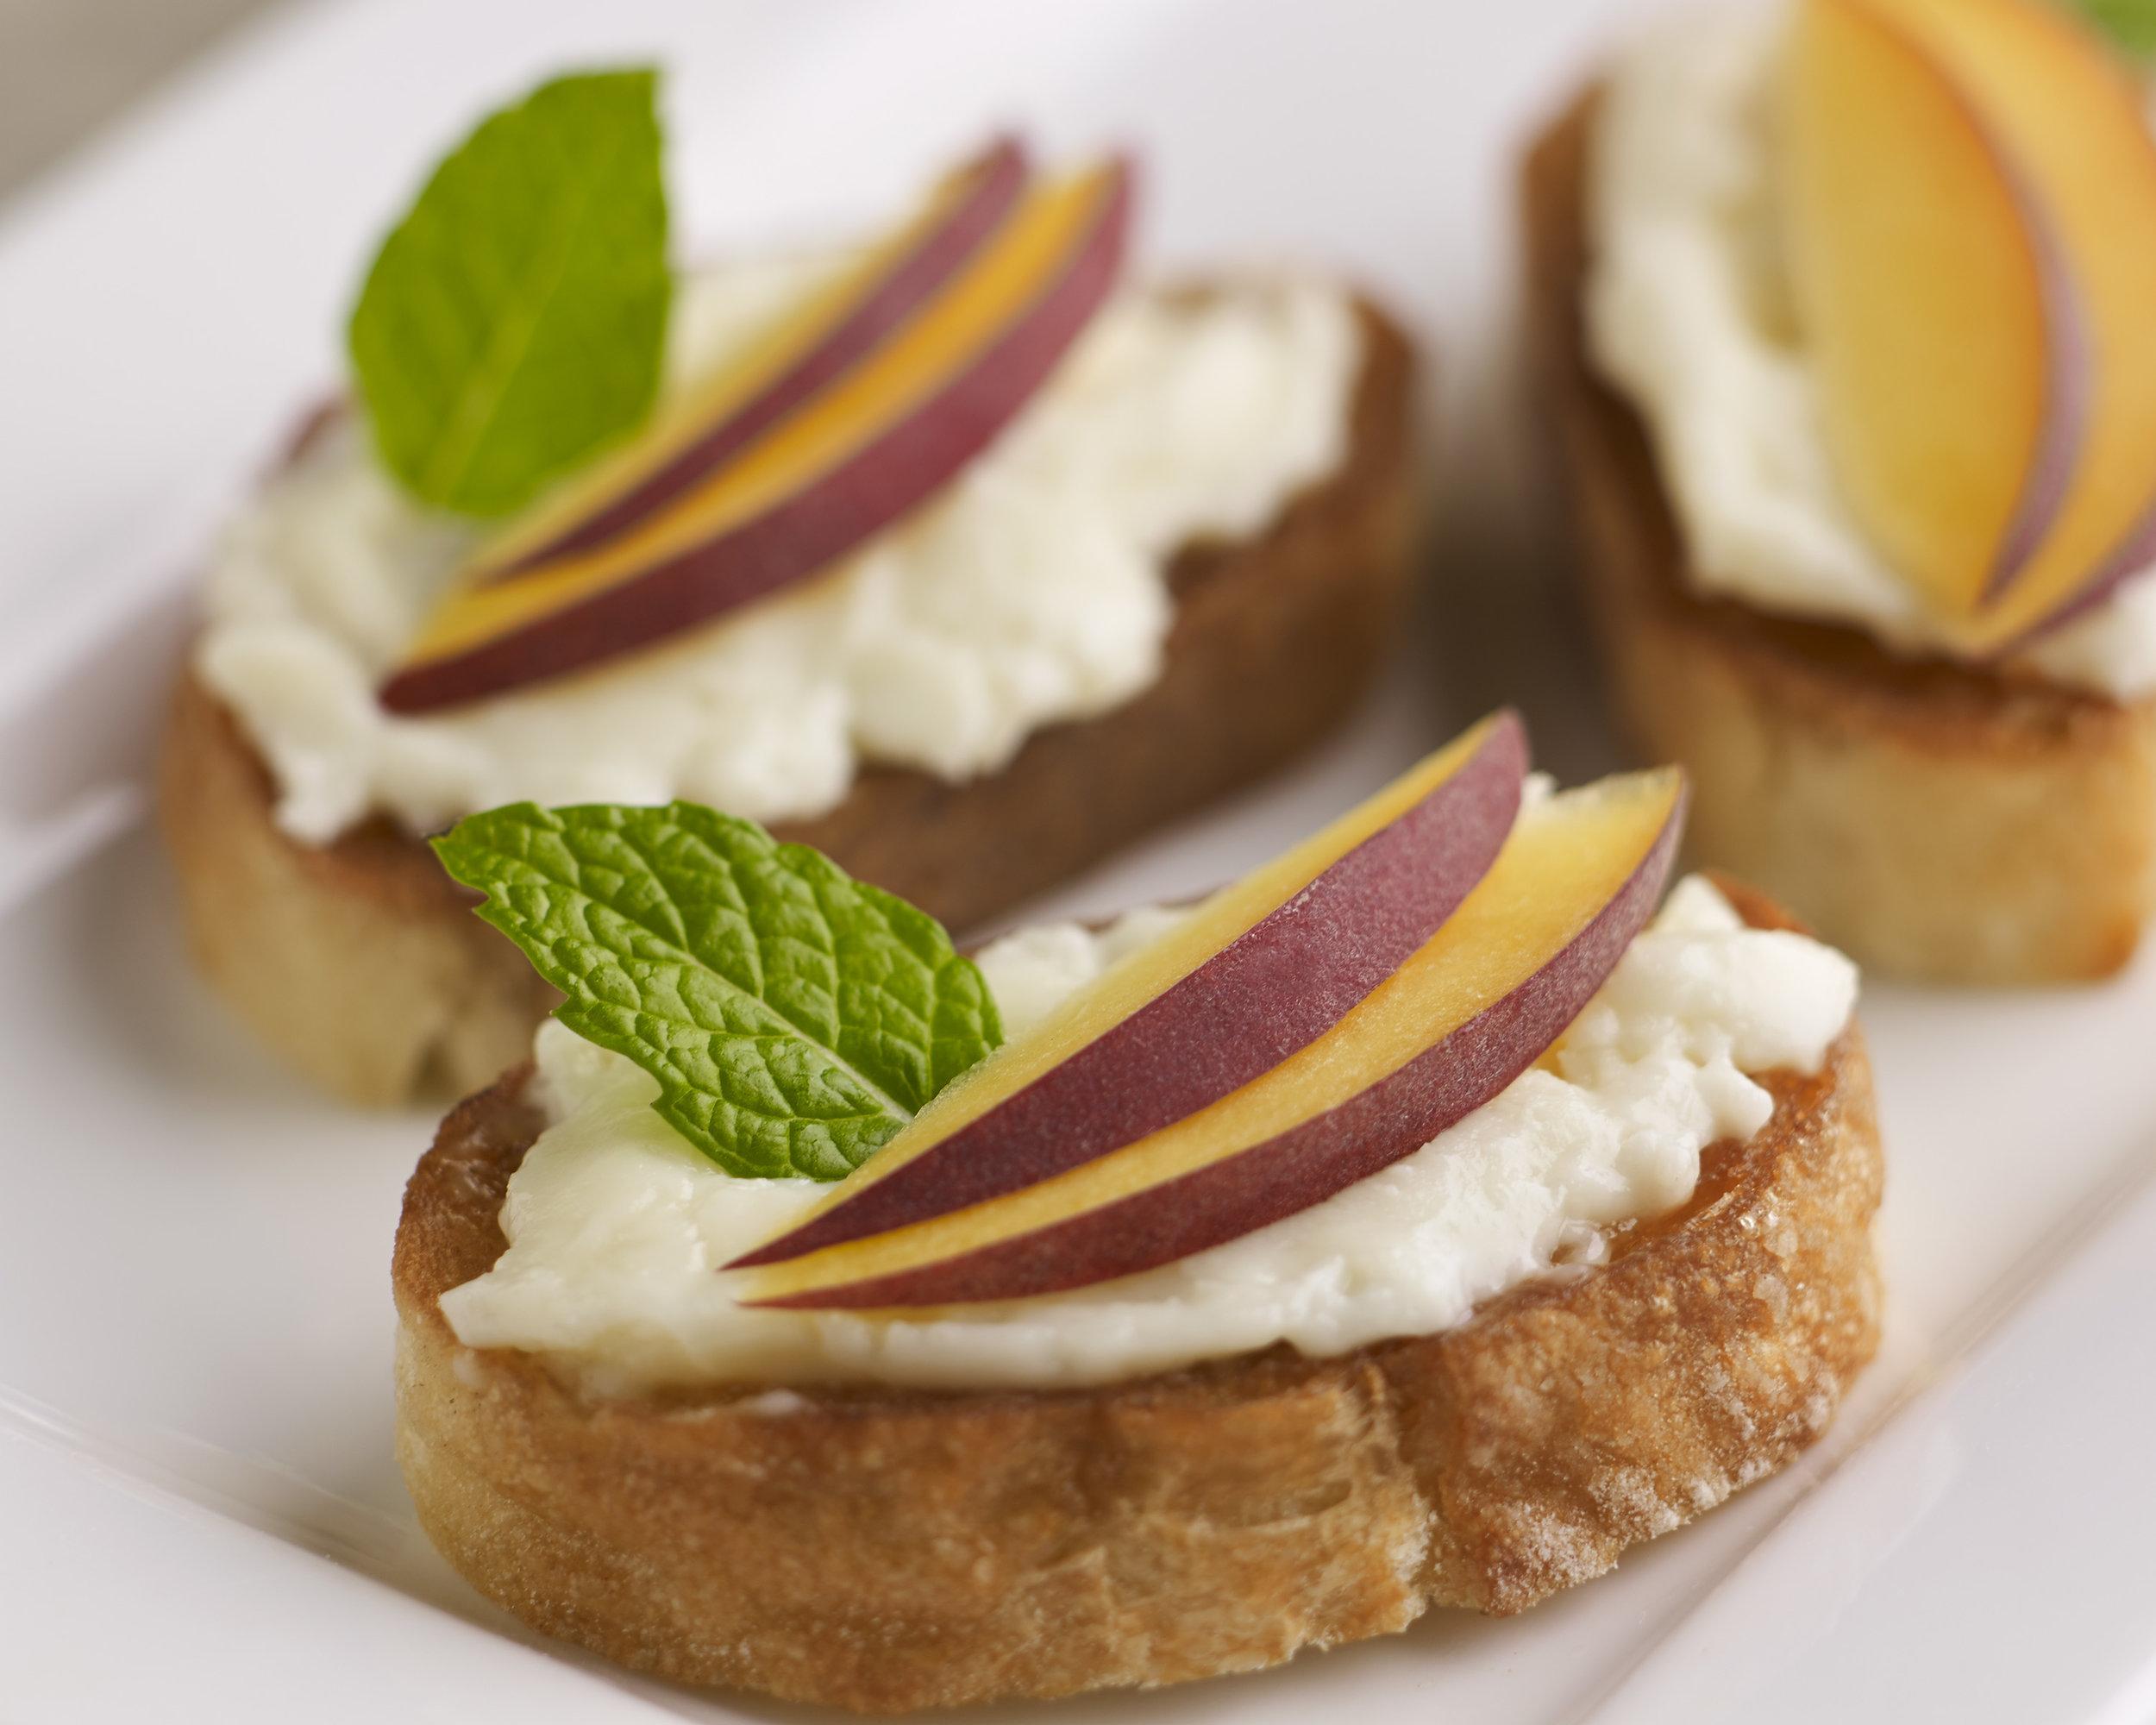 crescenza-stracchino-cheese-appetizer-recipes-3.jpg